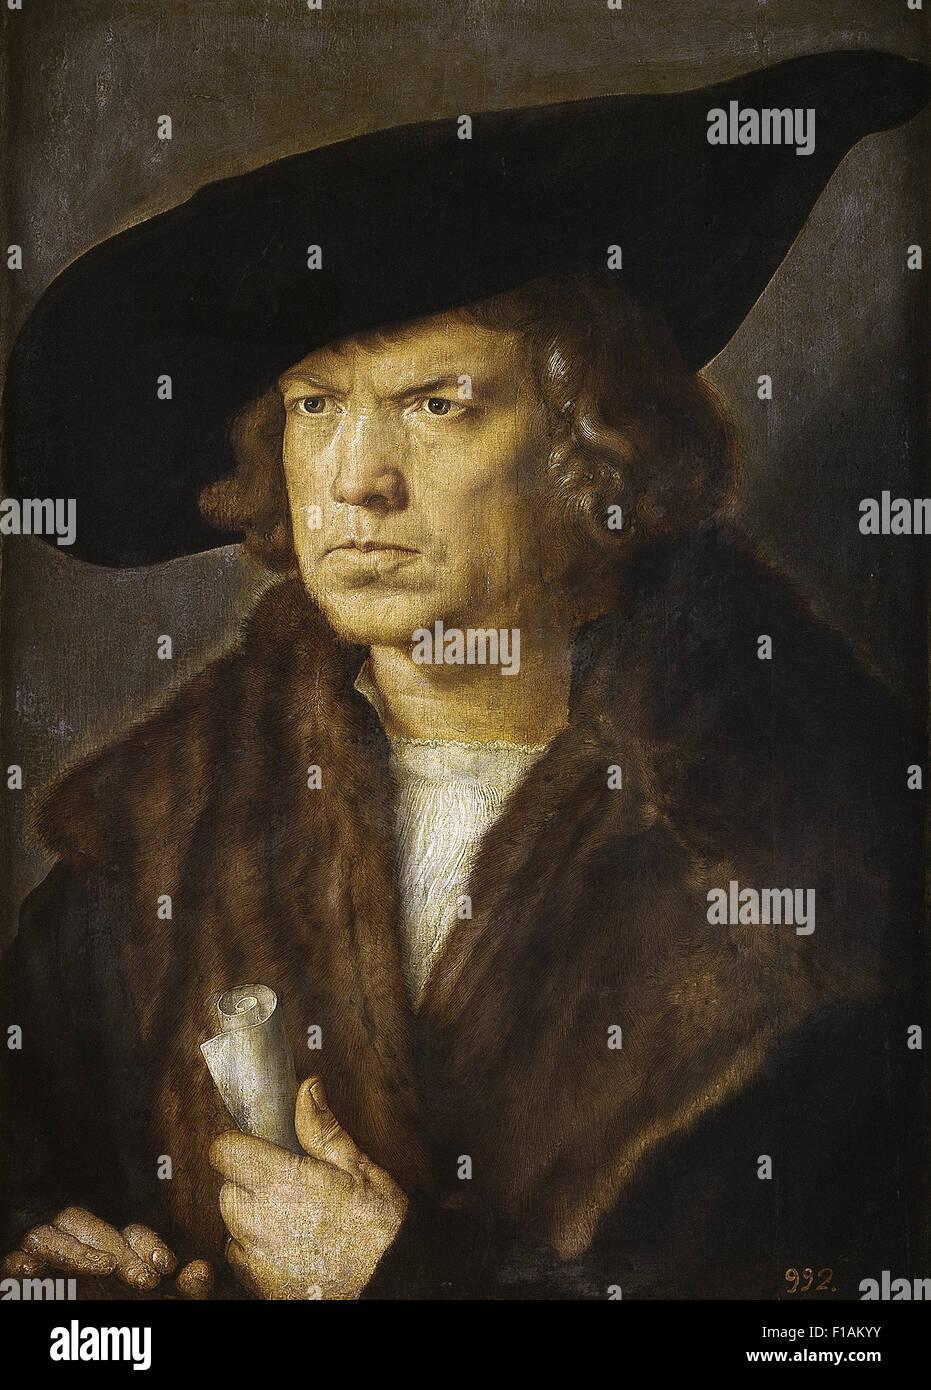 Albrecht Dürer - Ritratto di un uomo sconosciuto Foto Stock